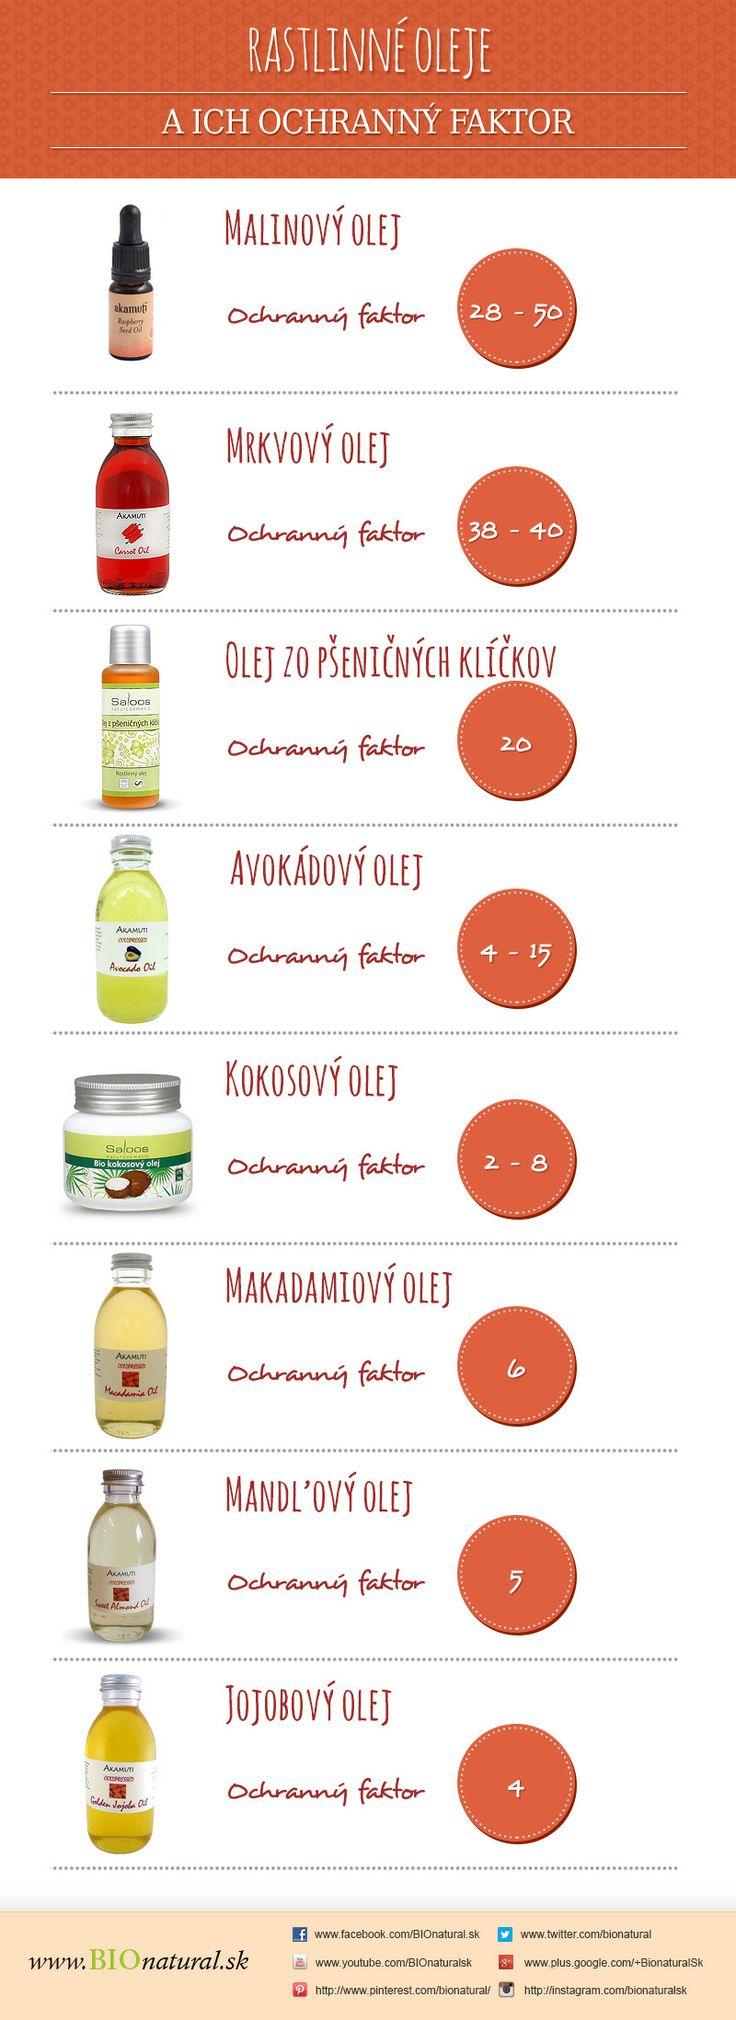 Rastlinné oleje a ich ochranný faktor #opalovanie #infografika http://www.bionatural.sk/blog/ako-sa-chranit-pred-slnkom-nezabudnite-na-oleje-infografika/